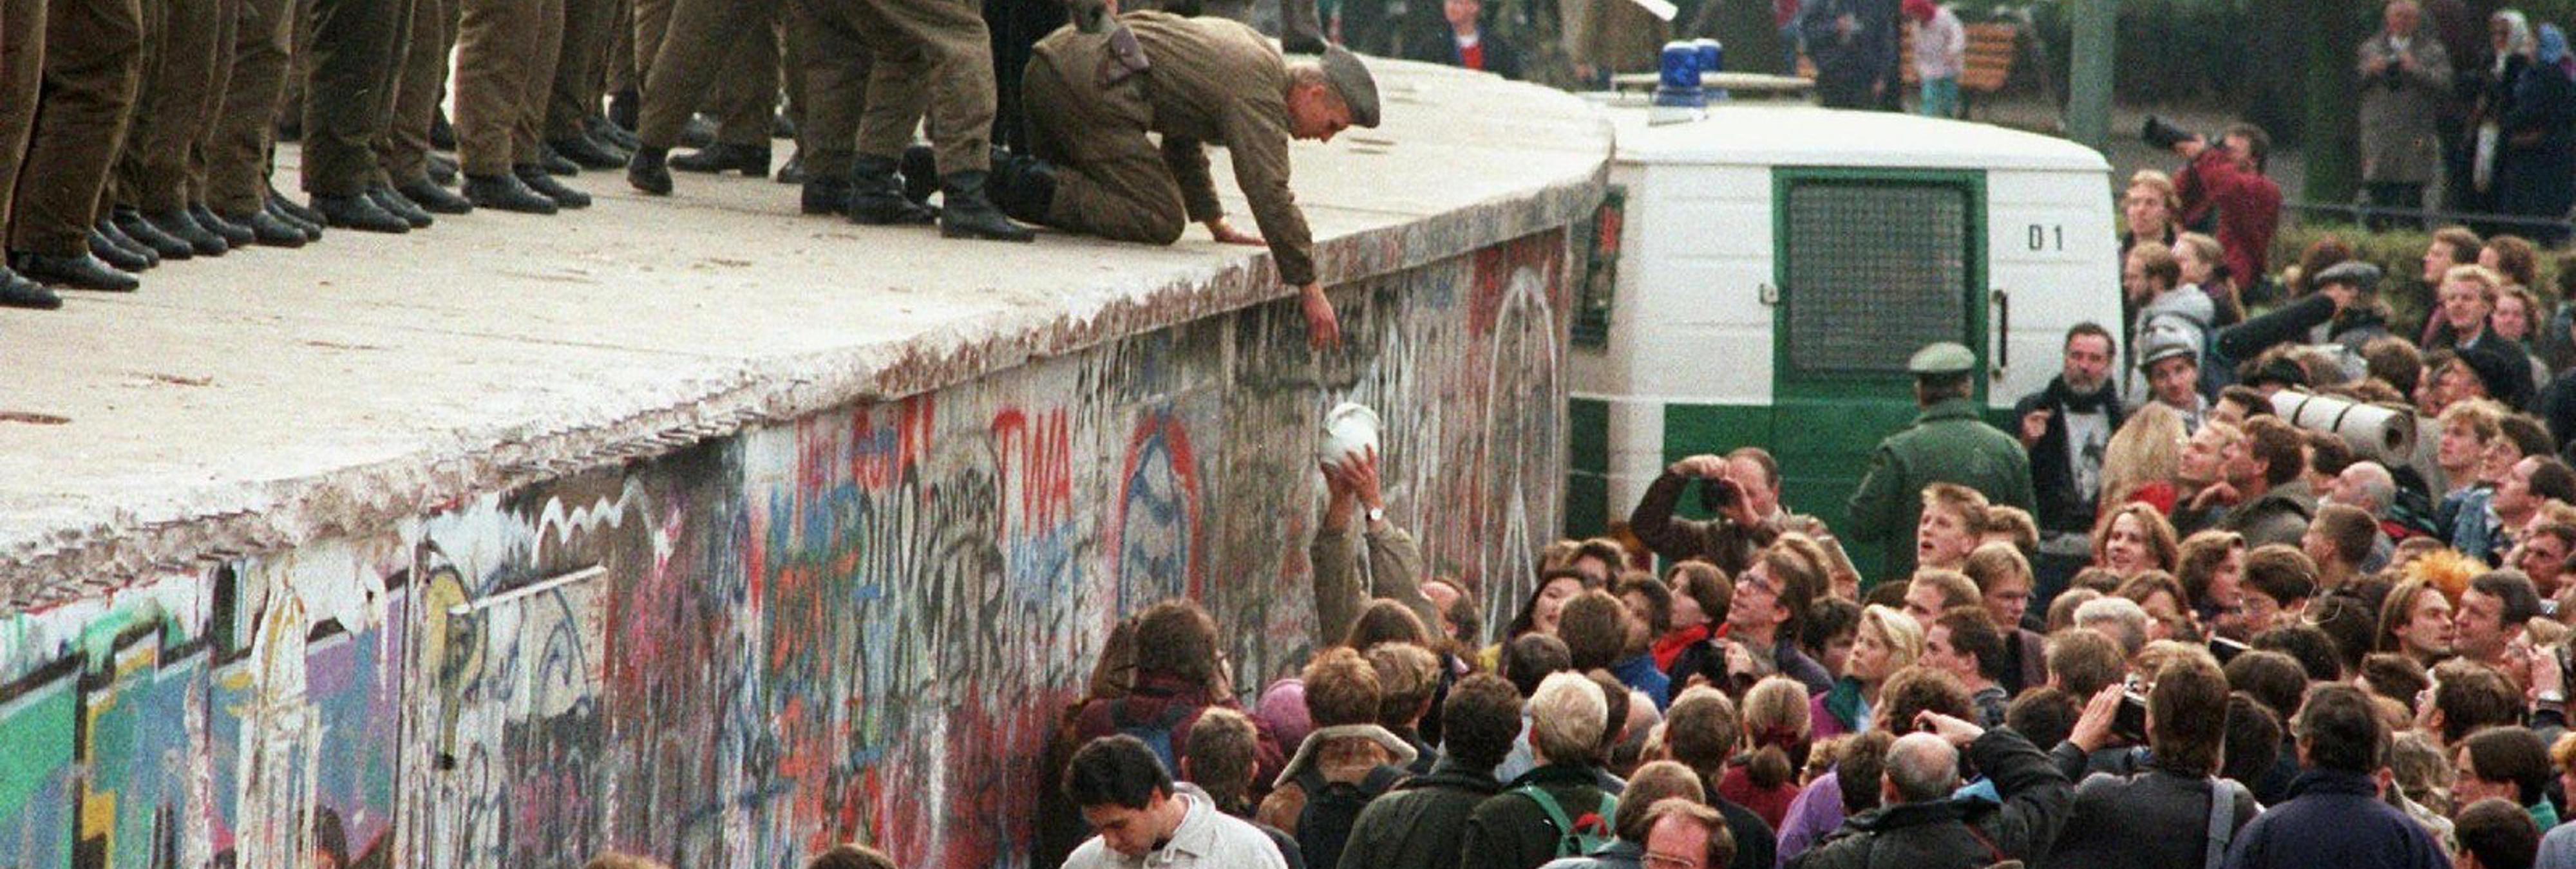 Múnich levanta un muro más alto que el de Berlín para separar a los refugiados